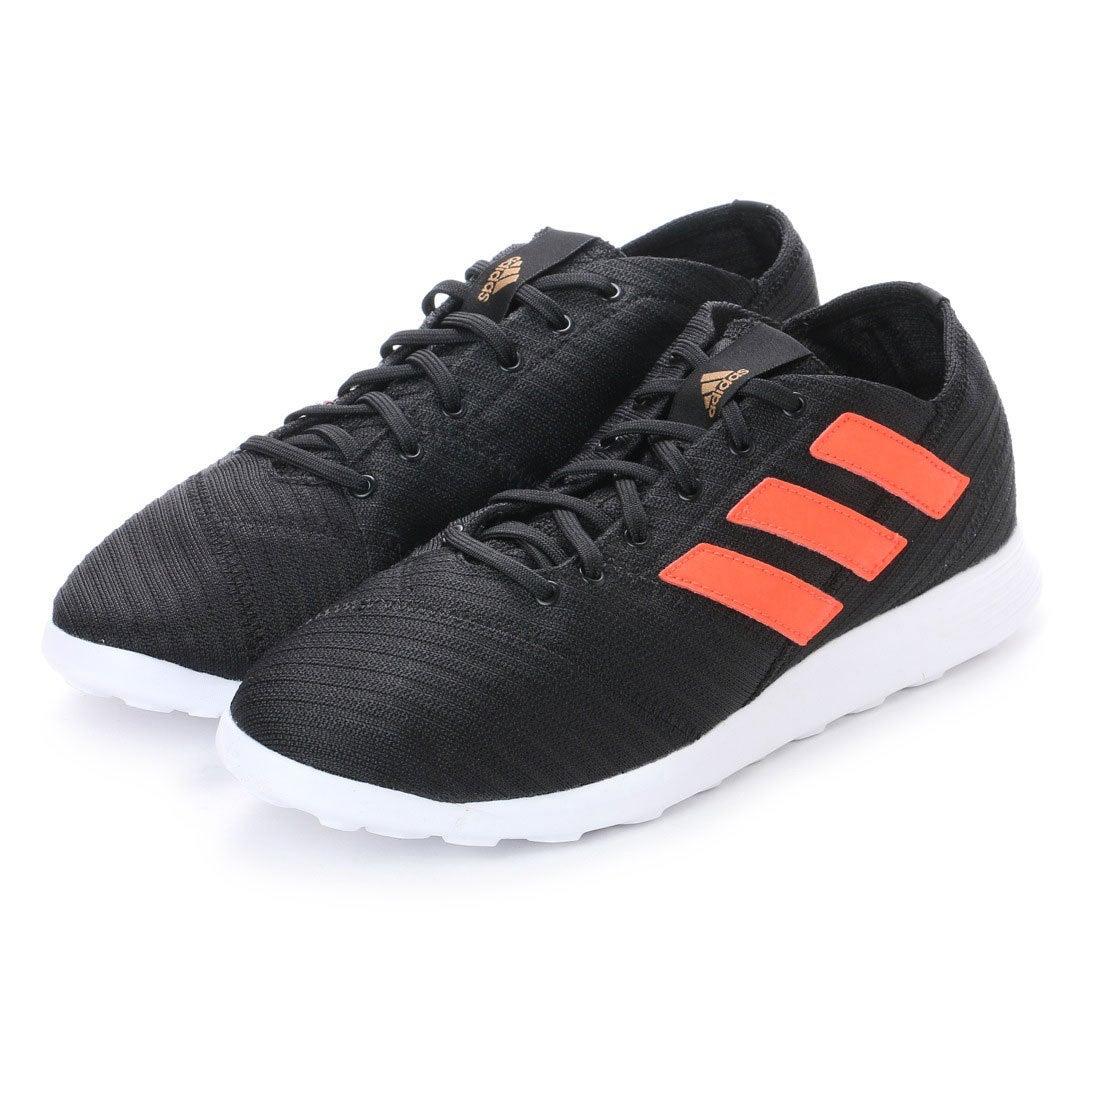 【SALE 35%OFF】アディダス adidas サッカー トレーニングシューズ ネメシス タンゴ 17.4 TR CP9125